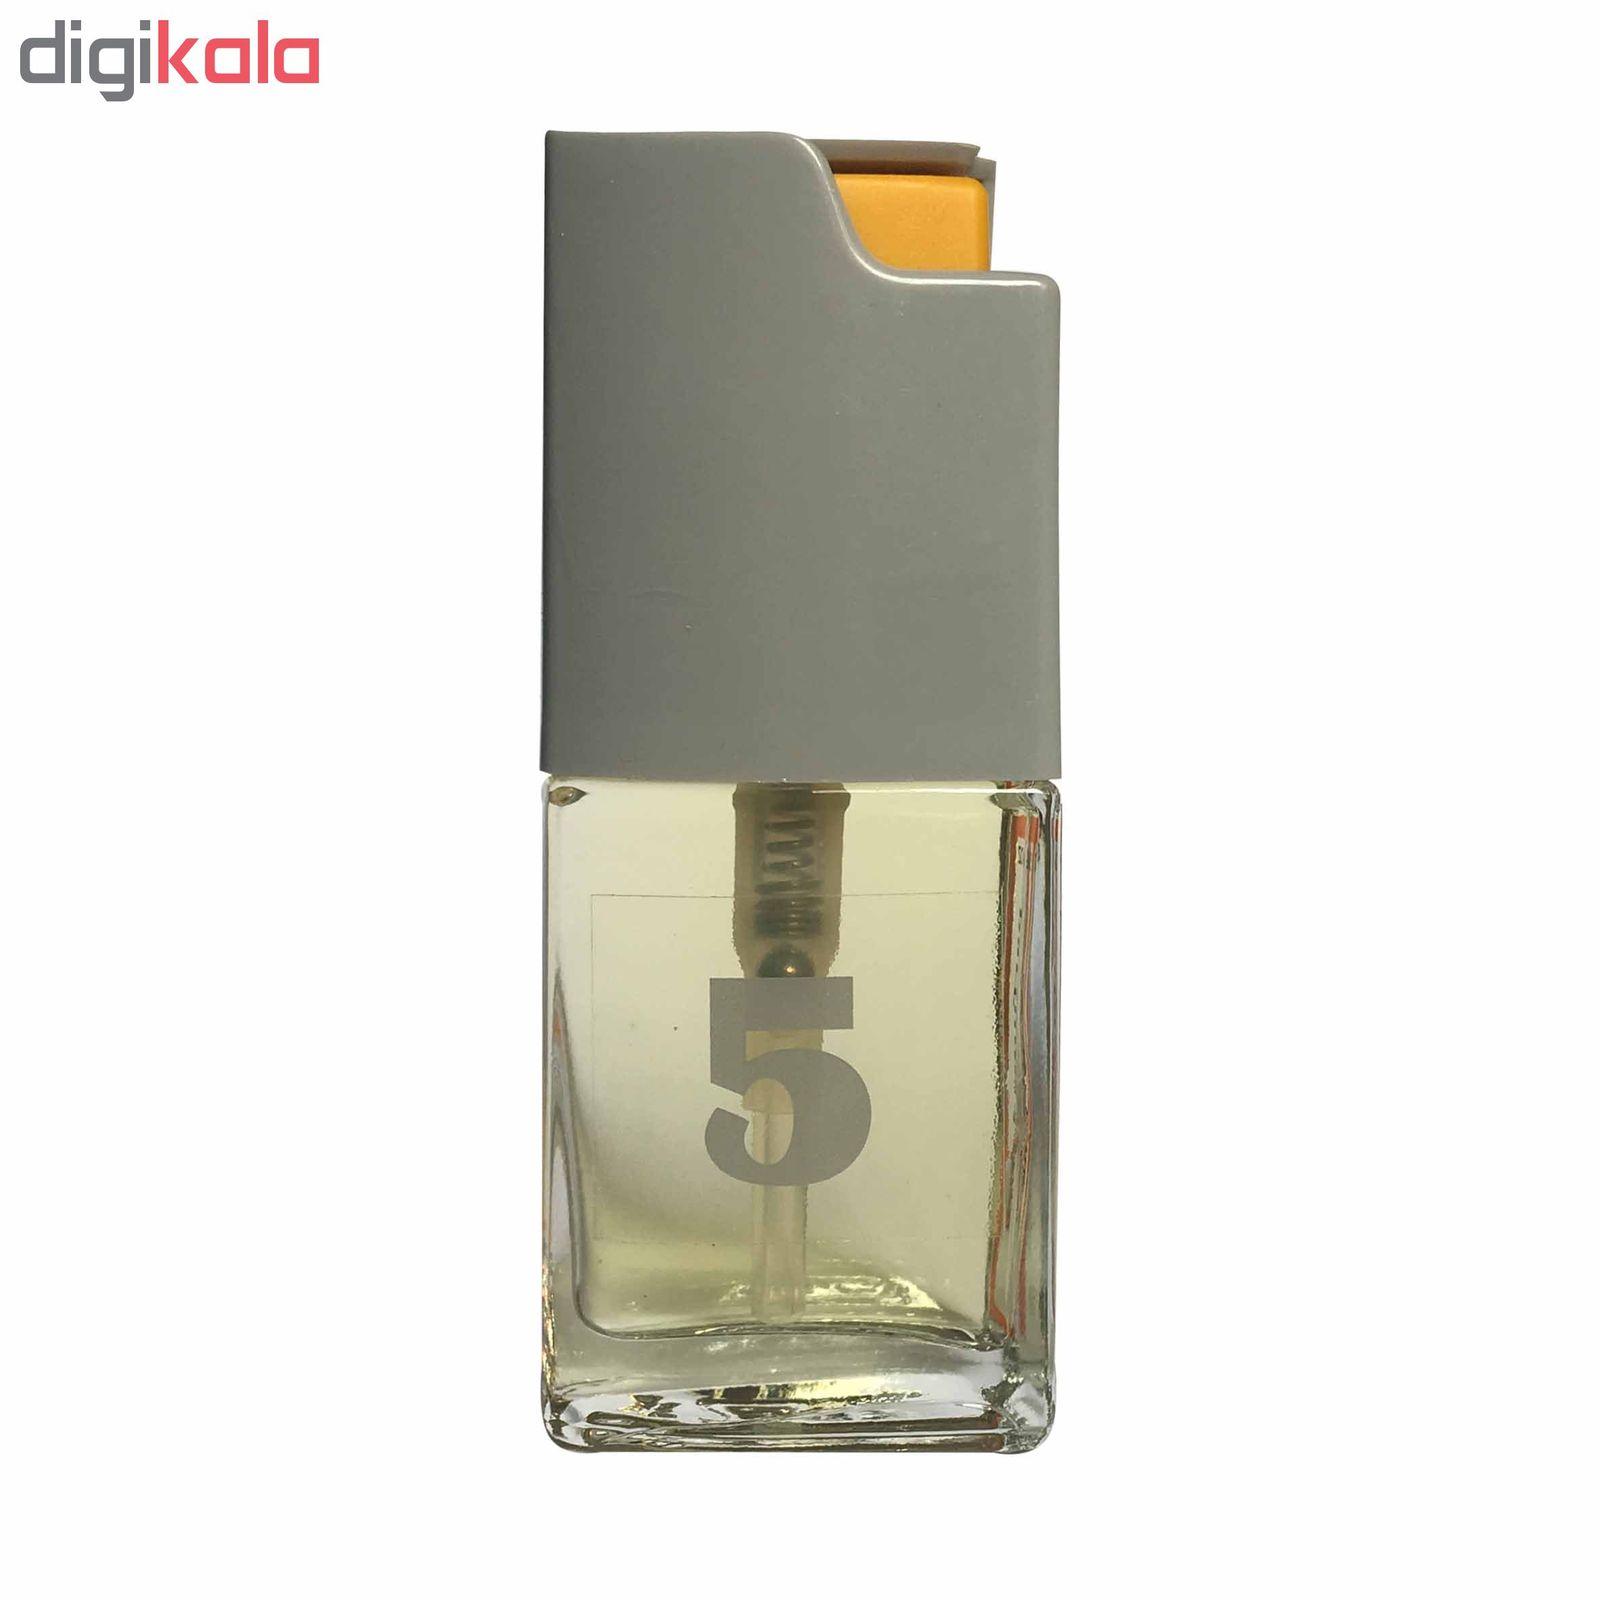 عطر جیبی مردانه بیک شماره 5 حجم 7.5 میلی لیتر main 1 1